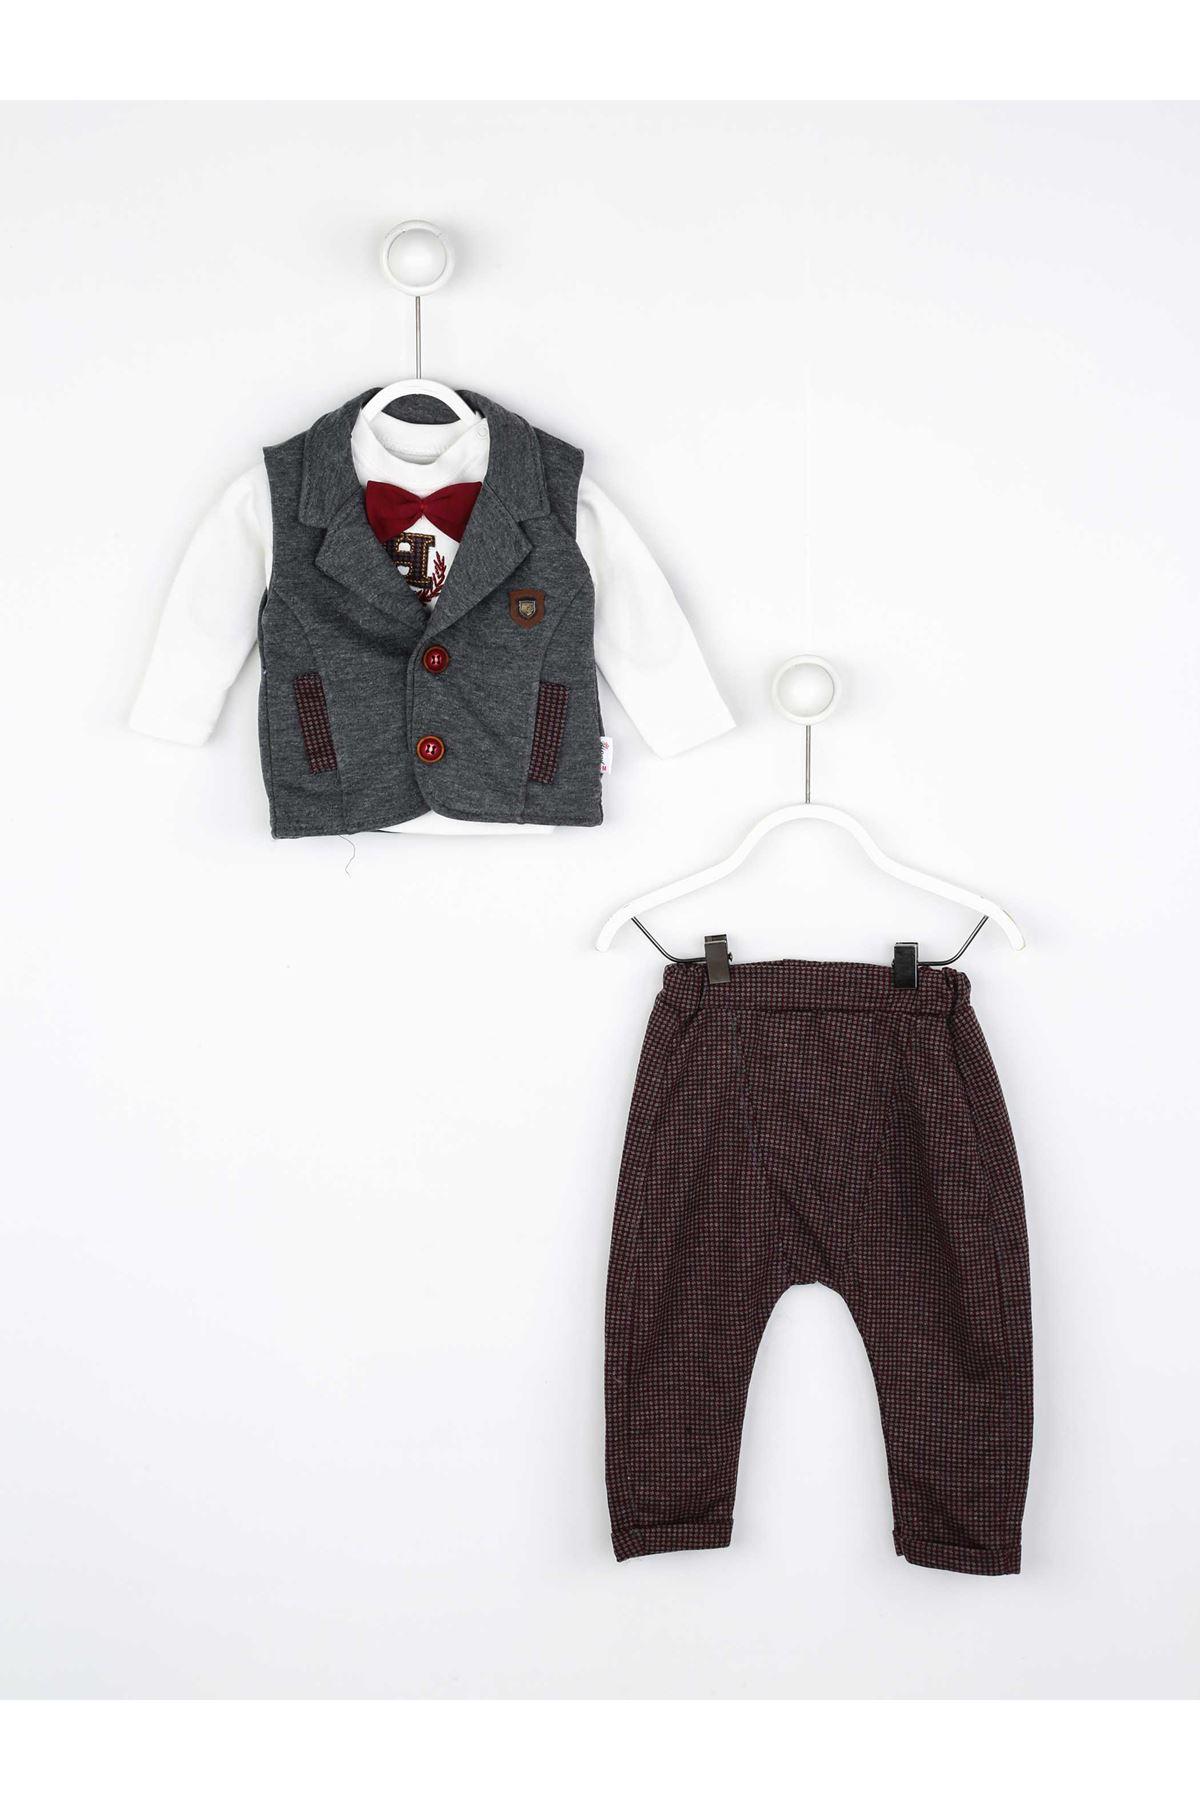 Borda Mevsimlik Papyonlu Erkek Bebek 3 lü Takım